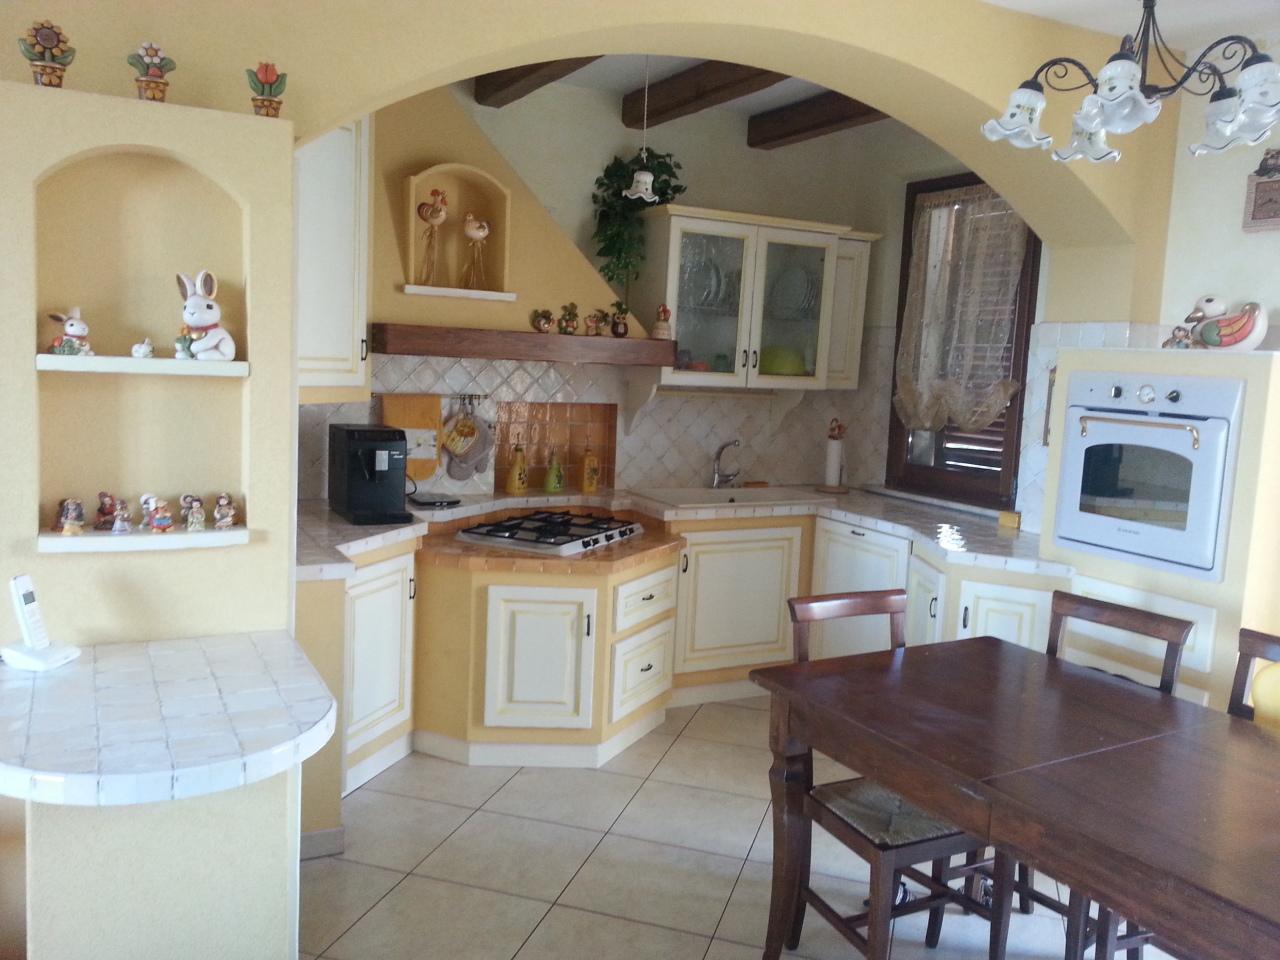 Appartamento in vendita a Santa Maria Nuova, 9999 locali, prezzo € 125.000 | Cambio Casa.it